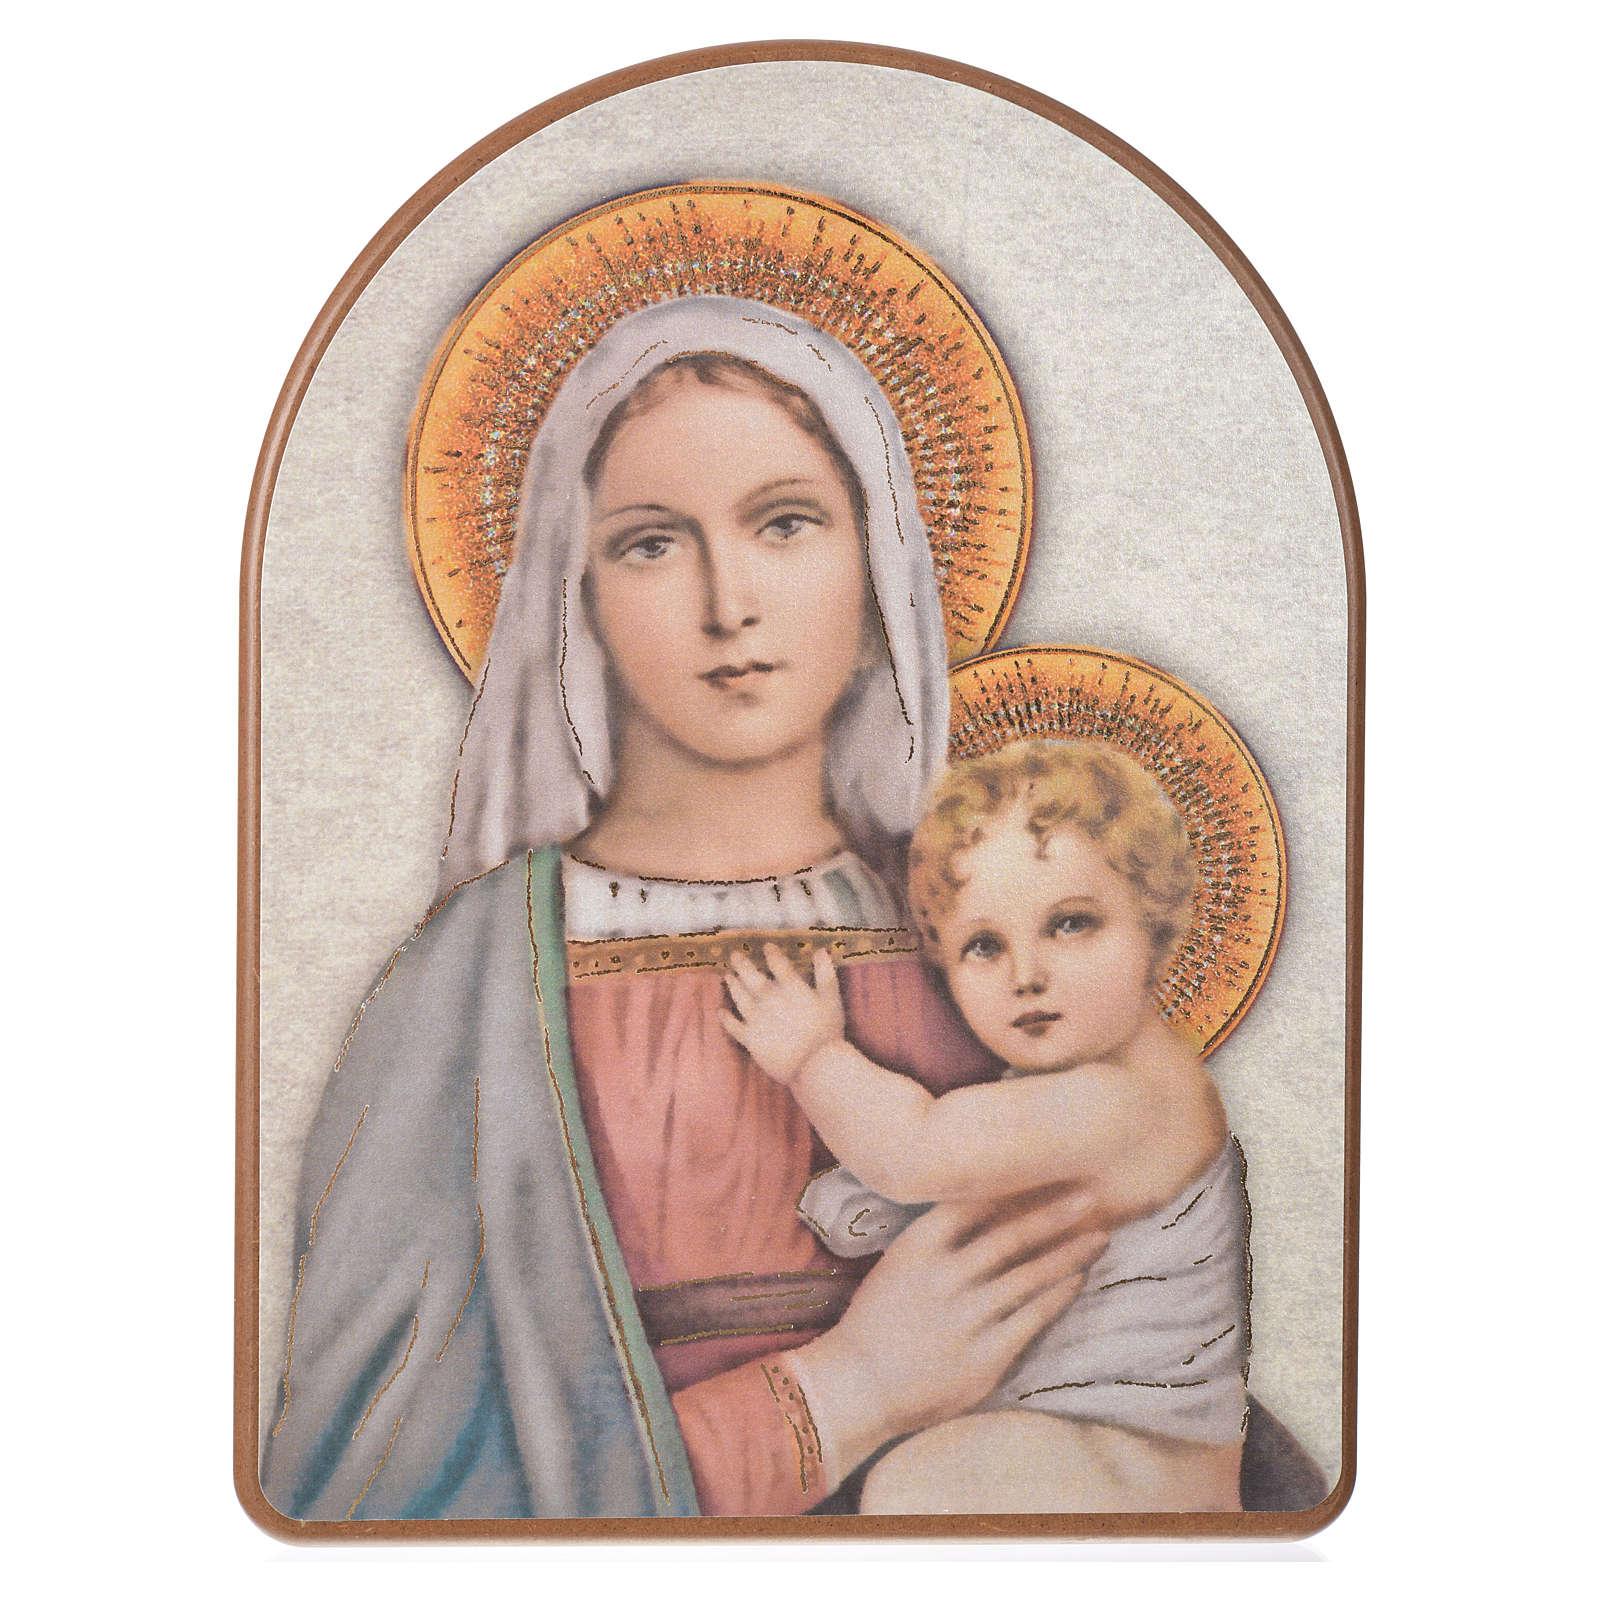 Stampa su legno 15x20cm Madonna con Bambino 3